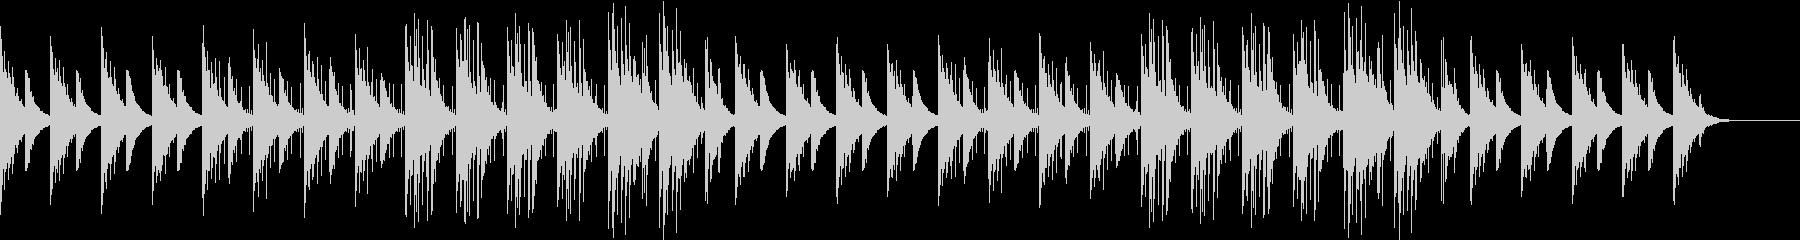 アコギが奏でるヒーリング系BGMの未再生の波形